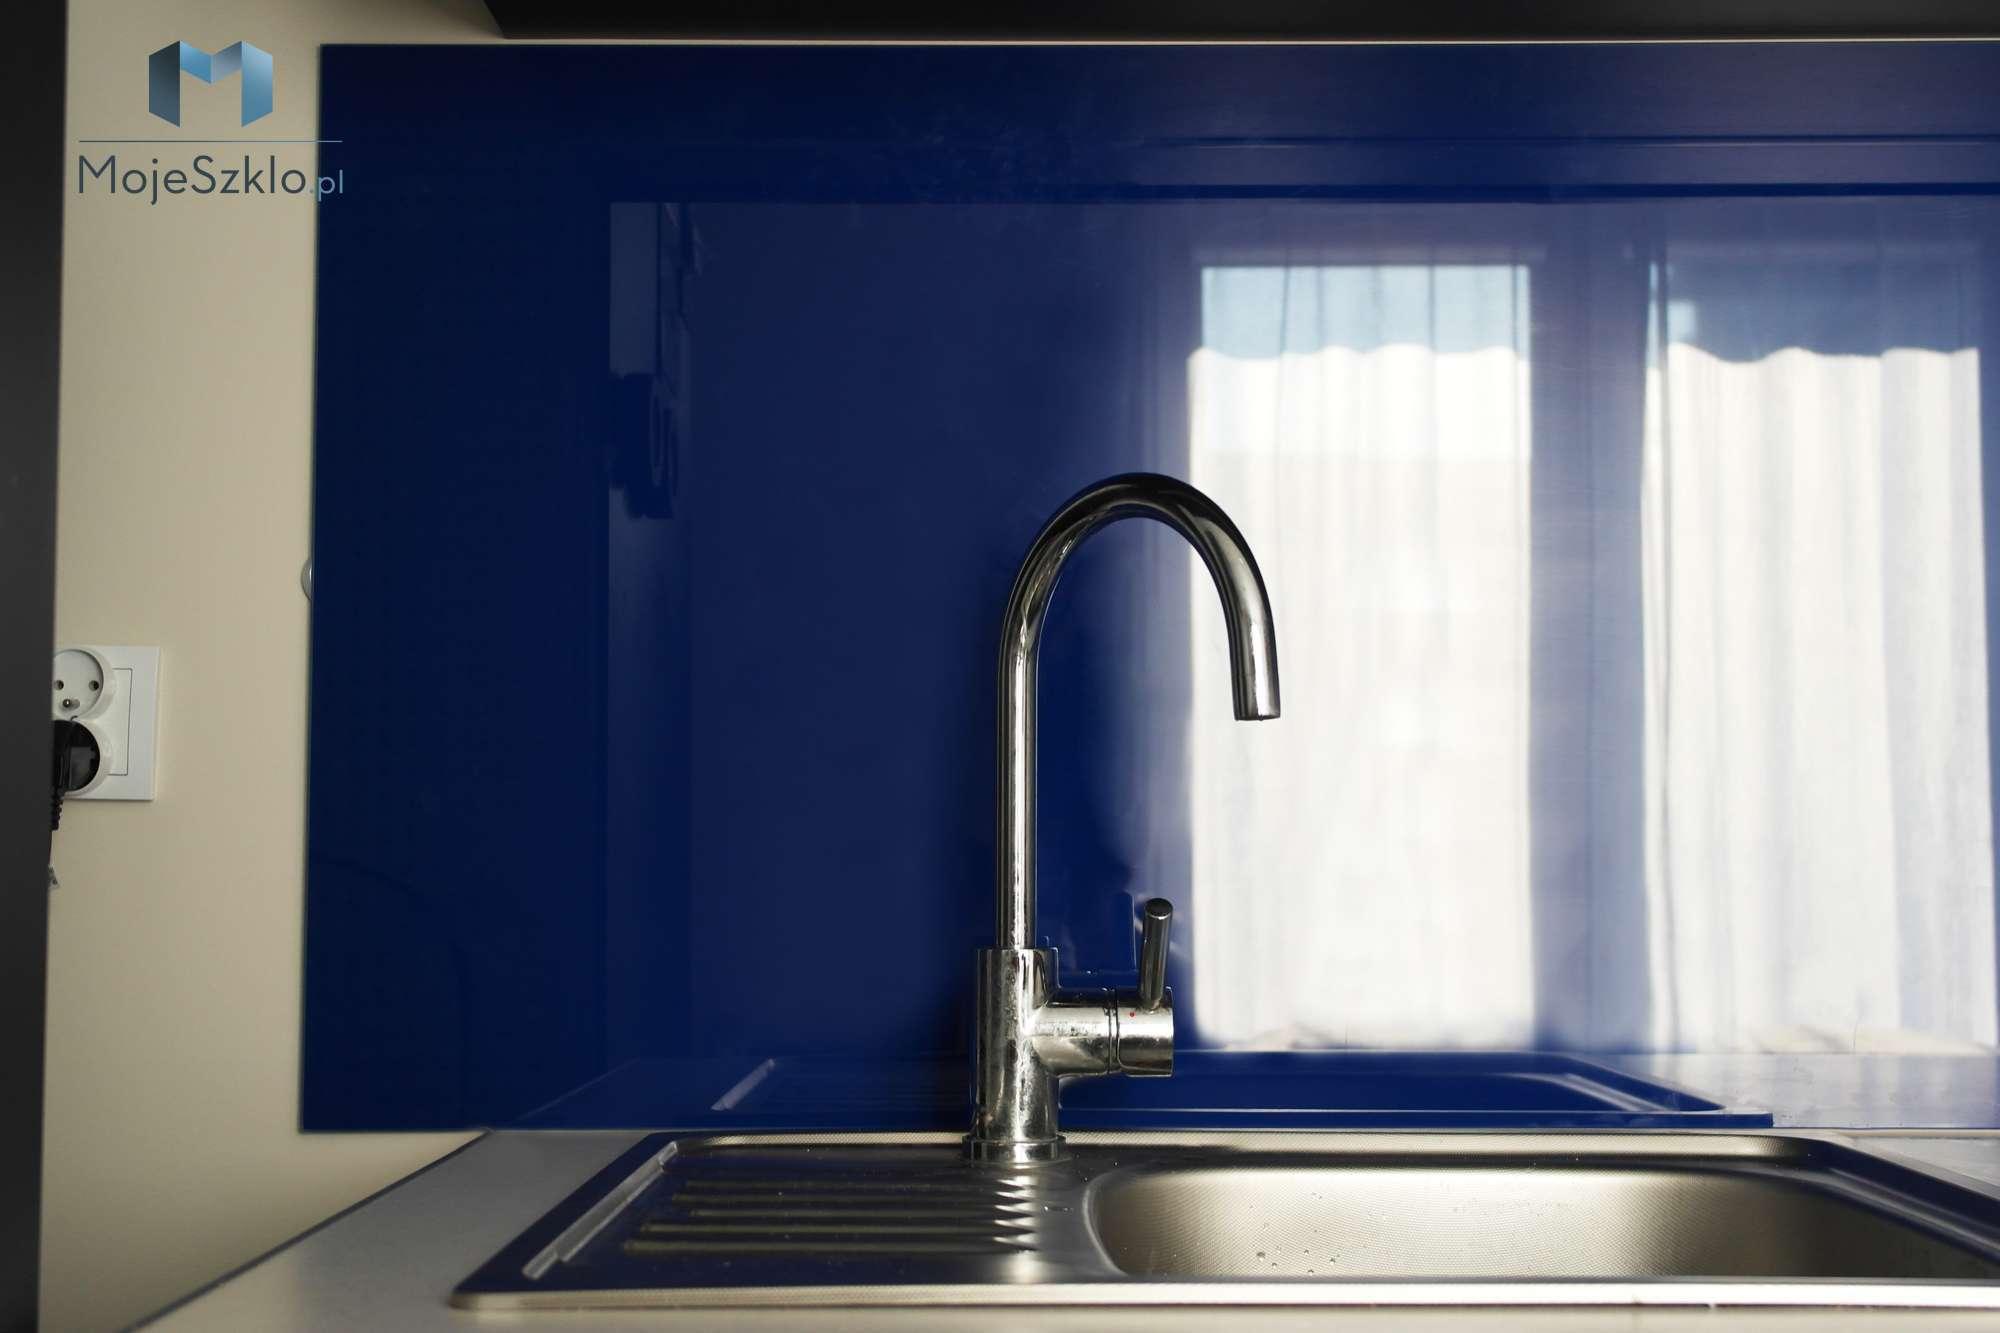 Lacobel Niebieski Szklo Do Kuchni - Lacobel kolory. Wzornik dostępnych odcieni